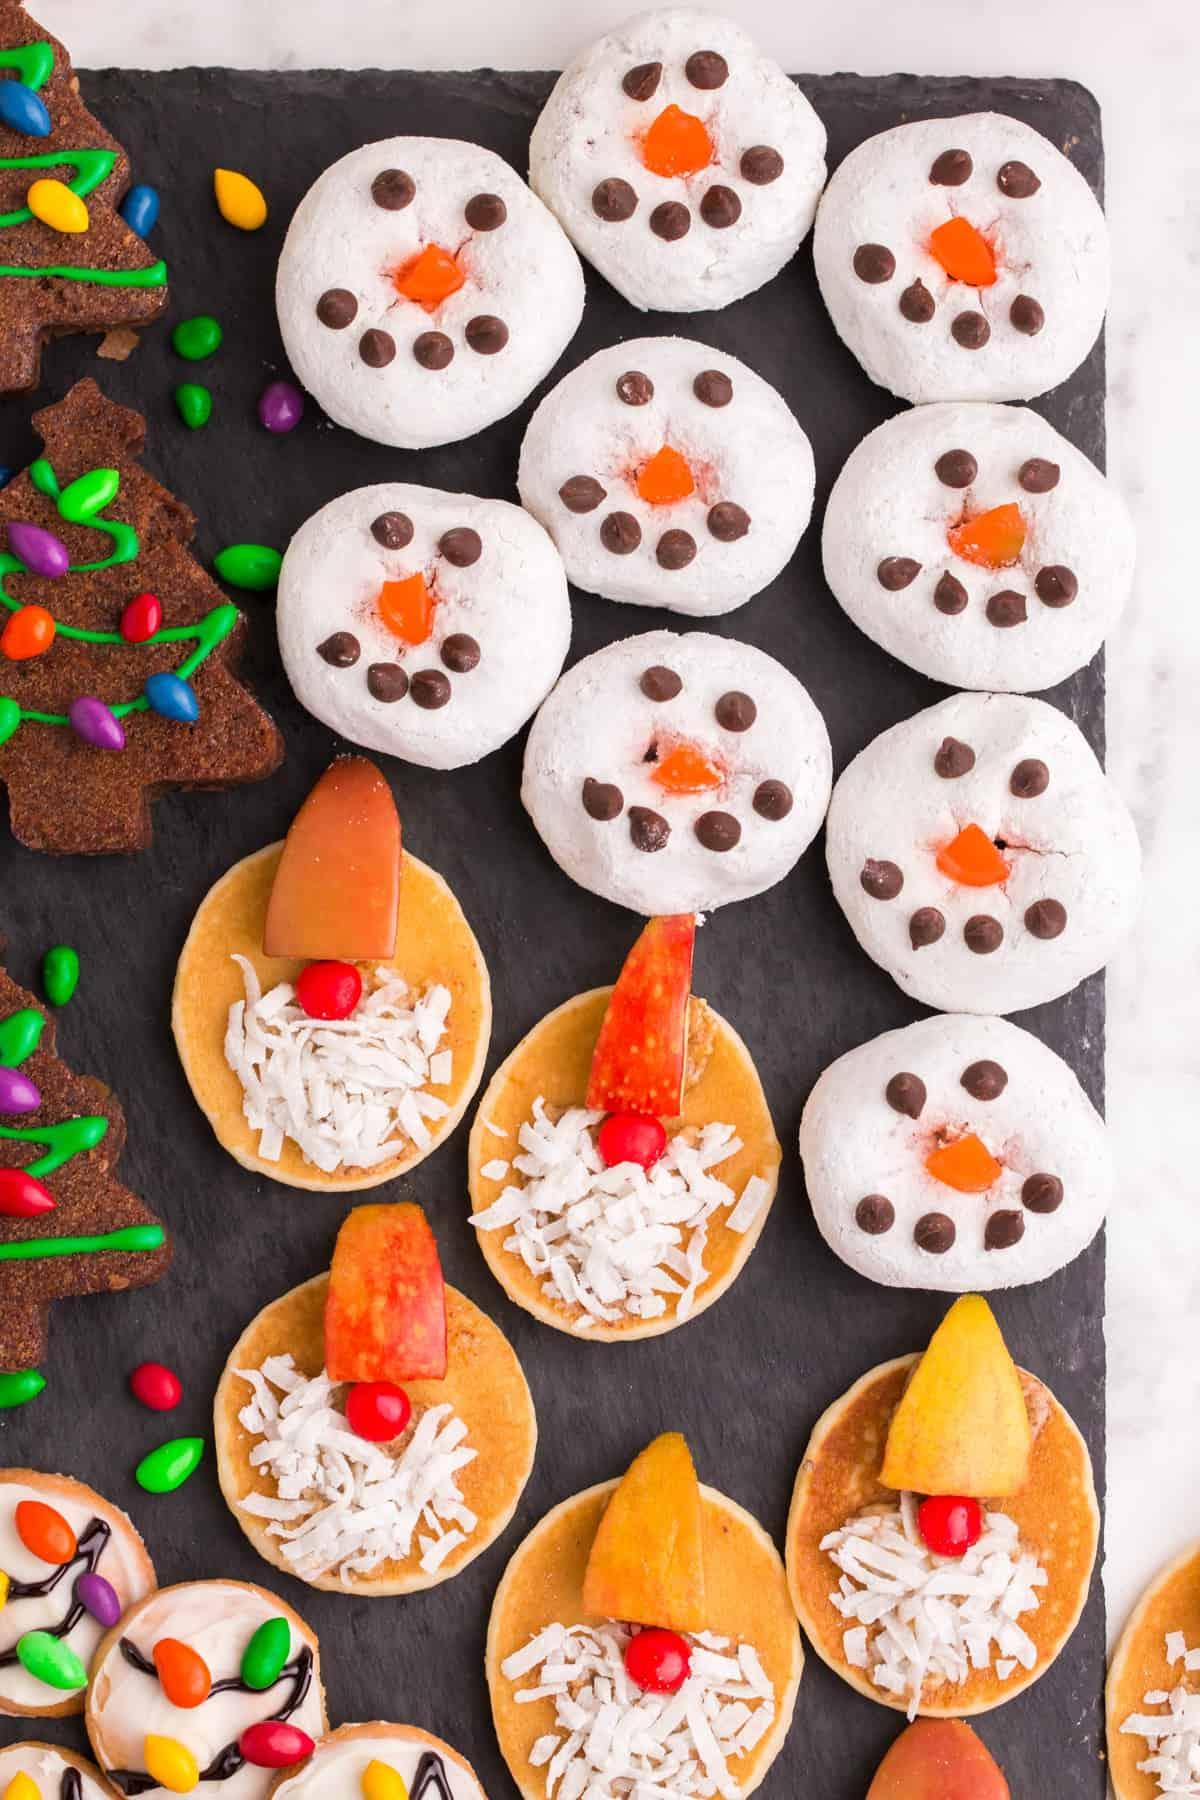 snowman dessert Christmas board